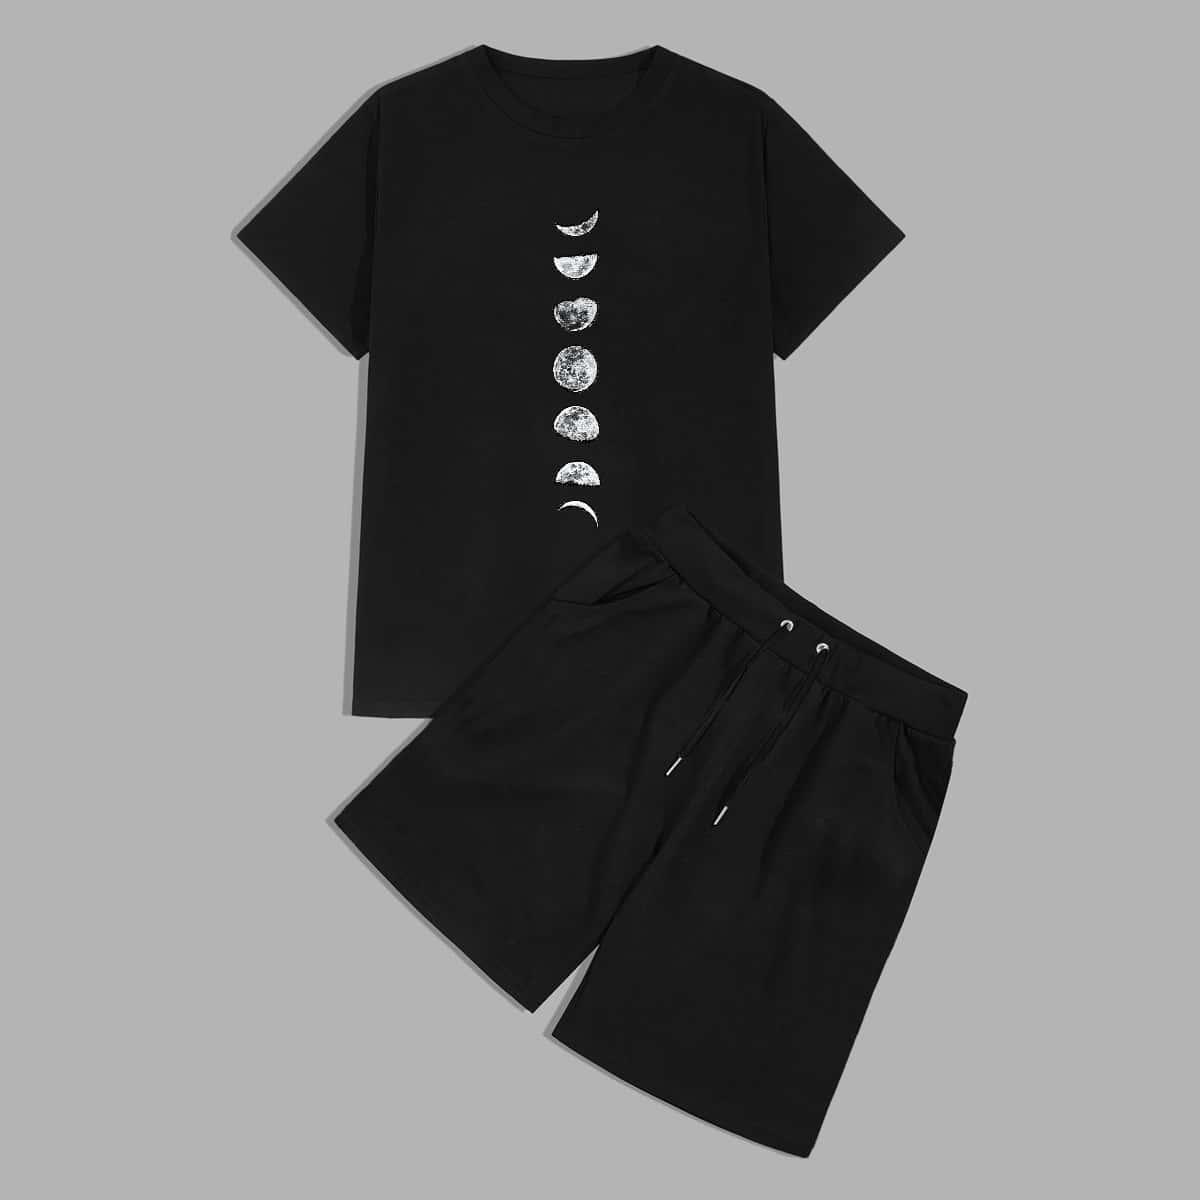 Мужские шорты и футболка с принтом луны от SHEIN